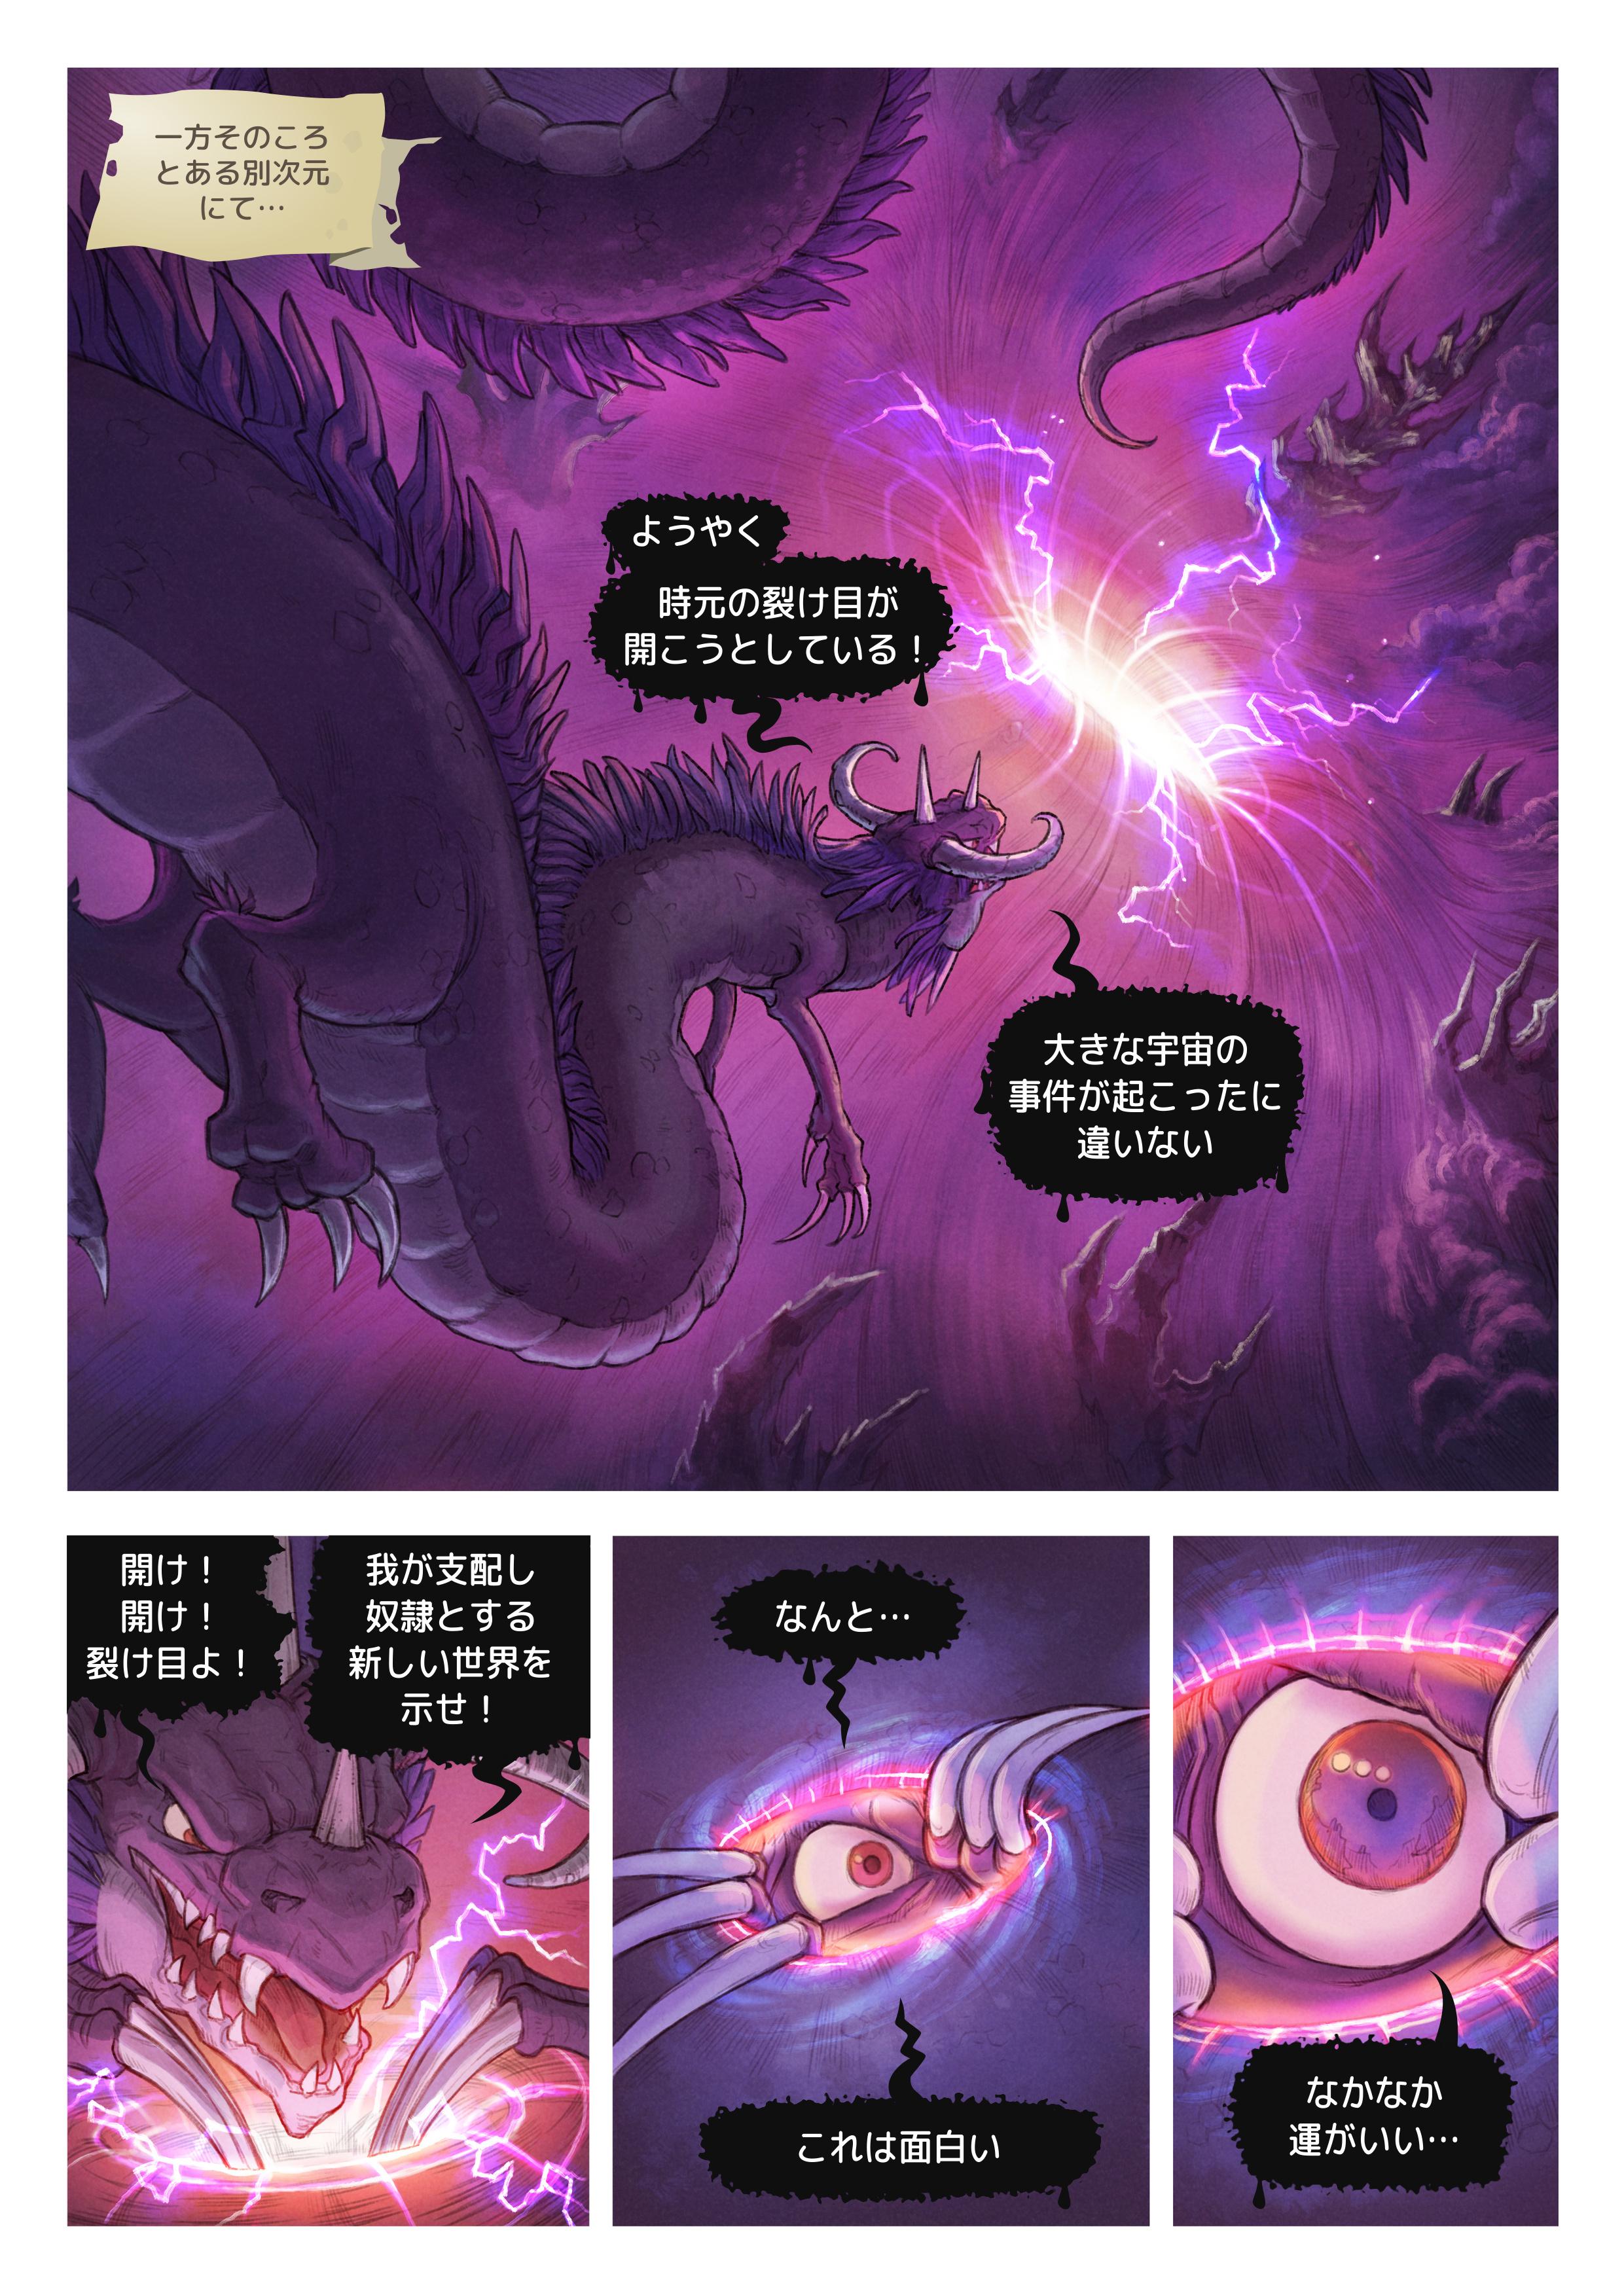 エピソード 29: 世界の破壊者, ページ 1